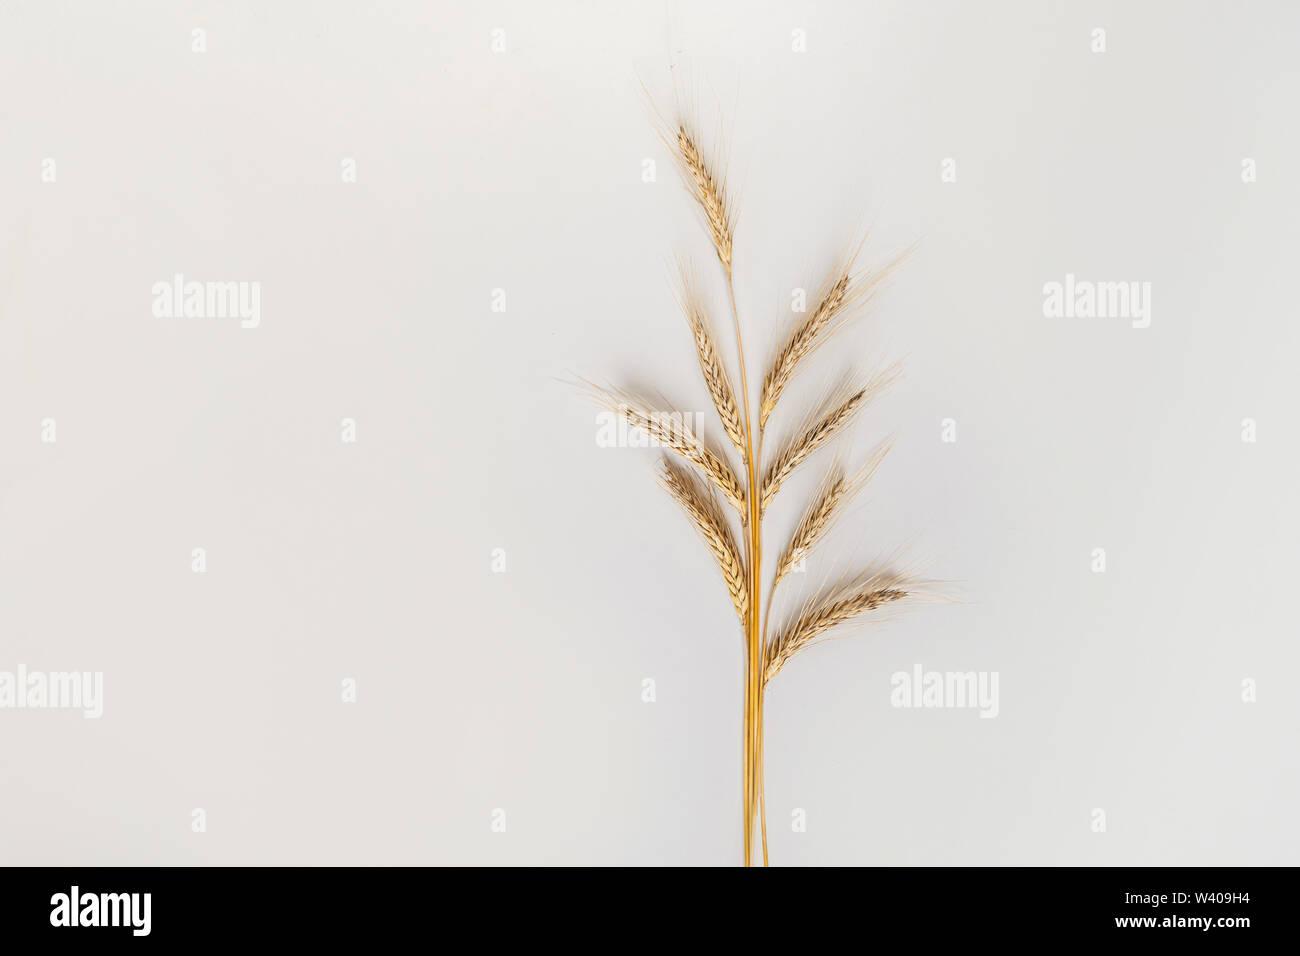 Un puñado de centeno sobre un fondo blanco, vista superior Imagen De Stock